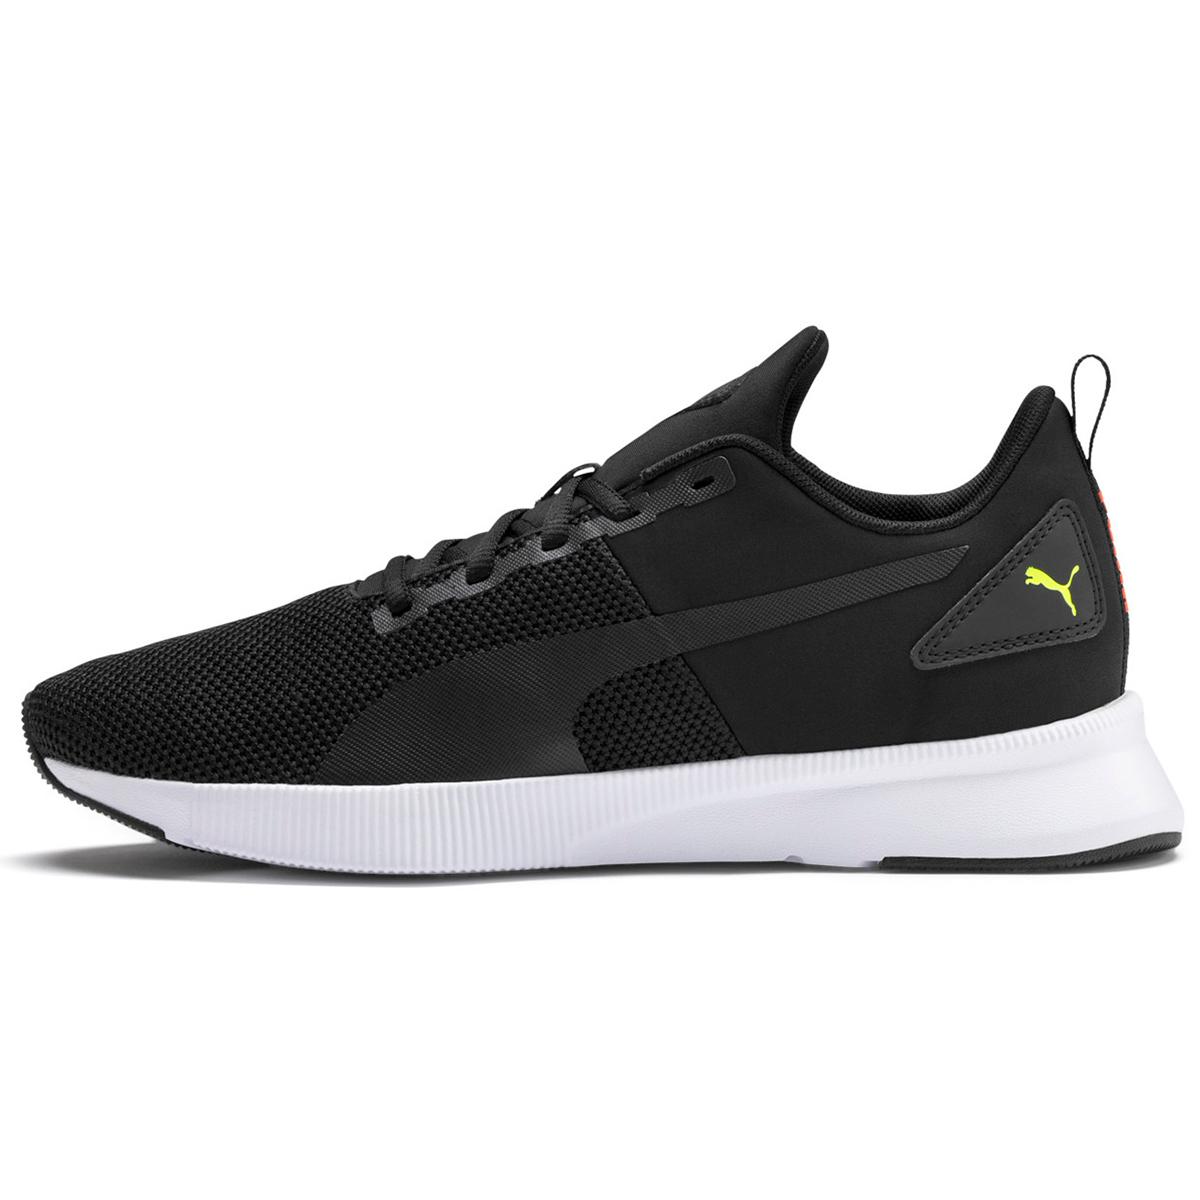 Puma Men's Flyer Runner Shoe - Black, 8